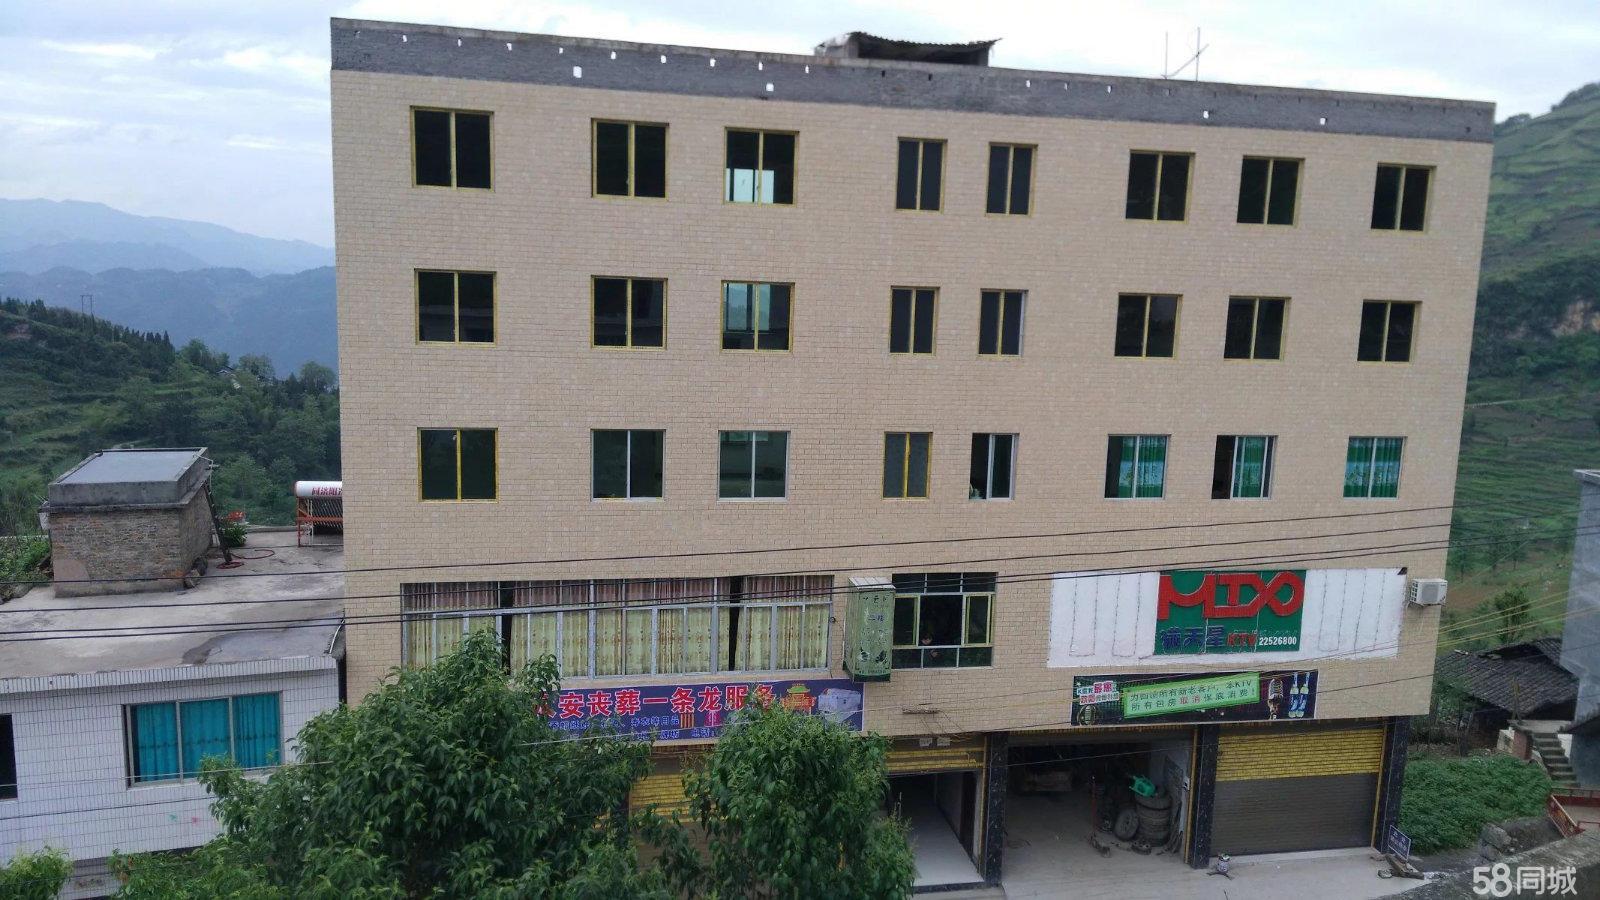 永安镇街上套房门面出售3室2厅1卫105平米